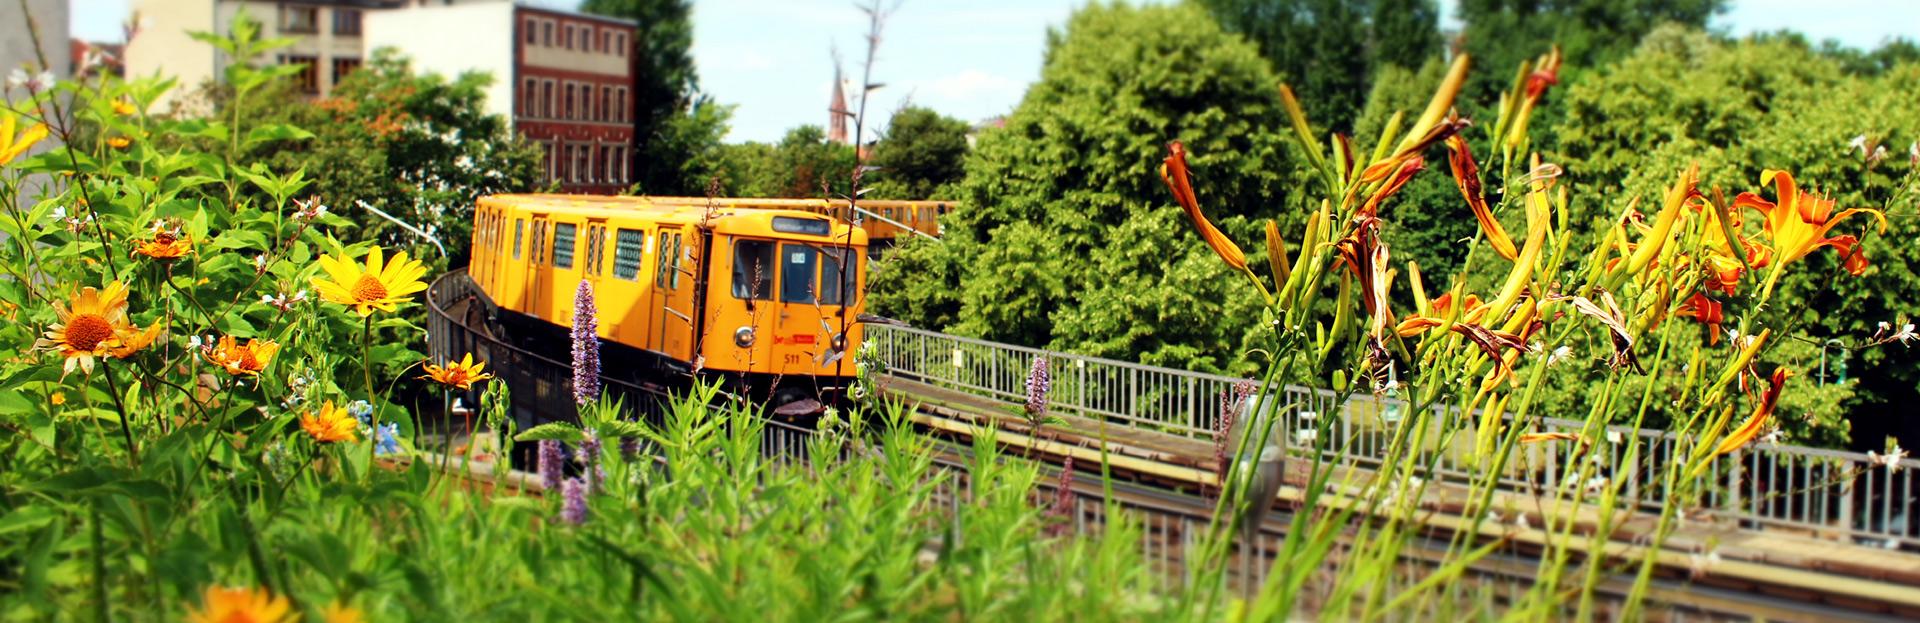 urban-gardening-slider09